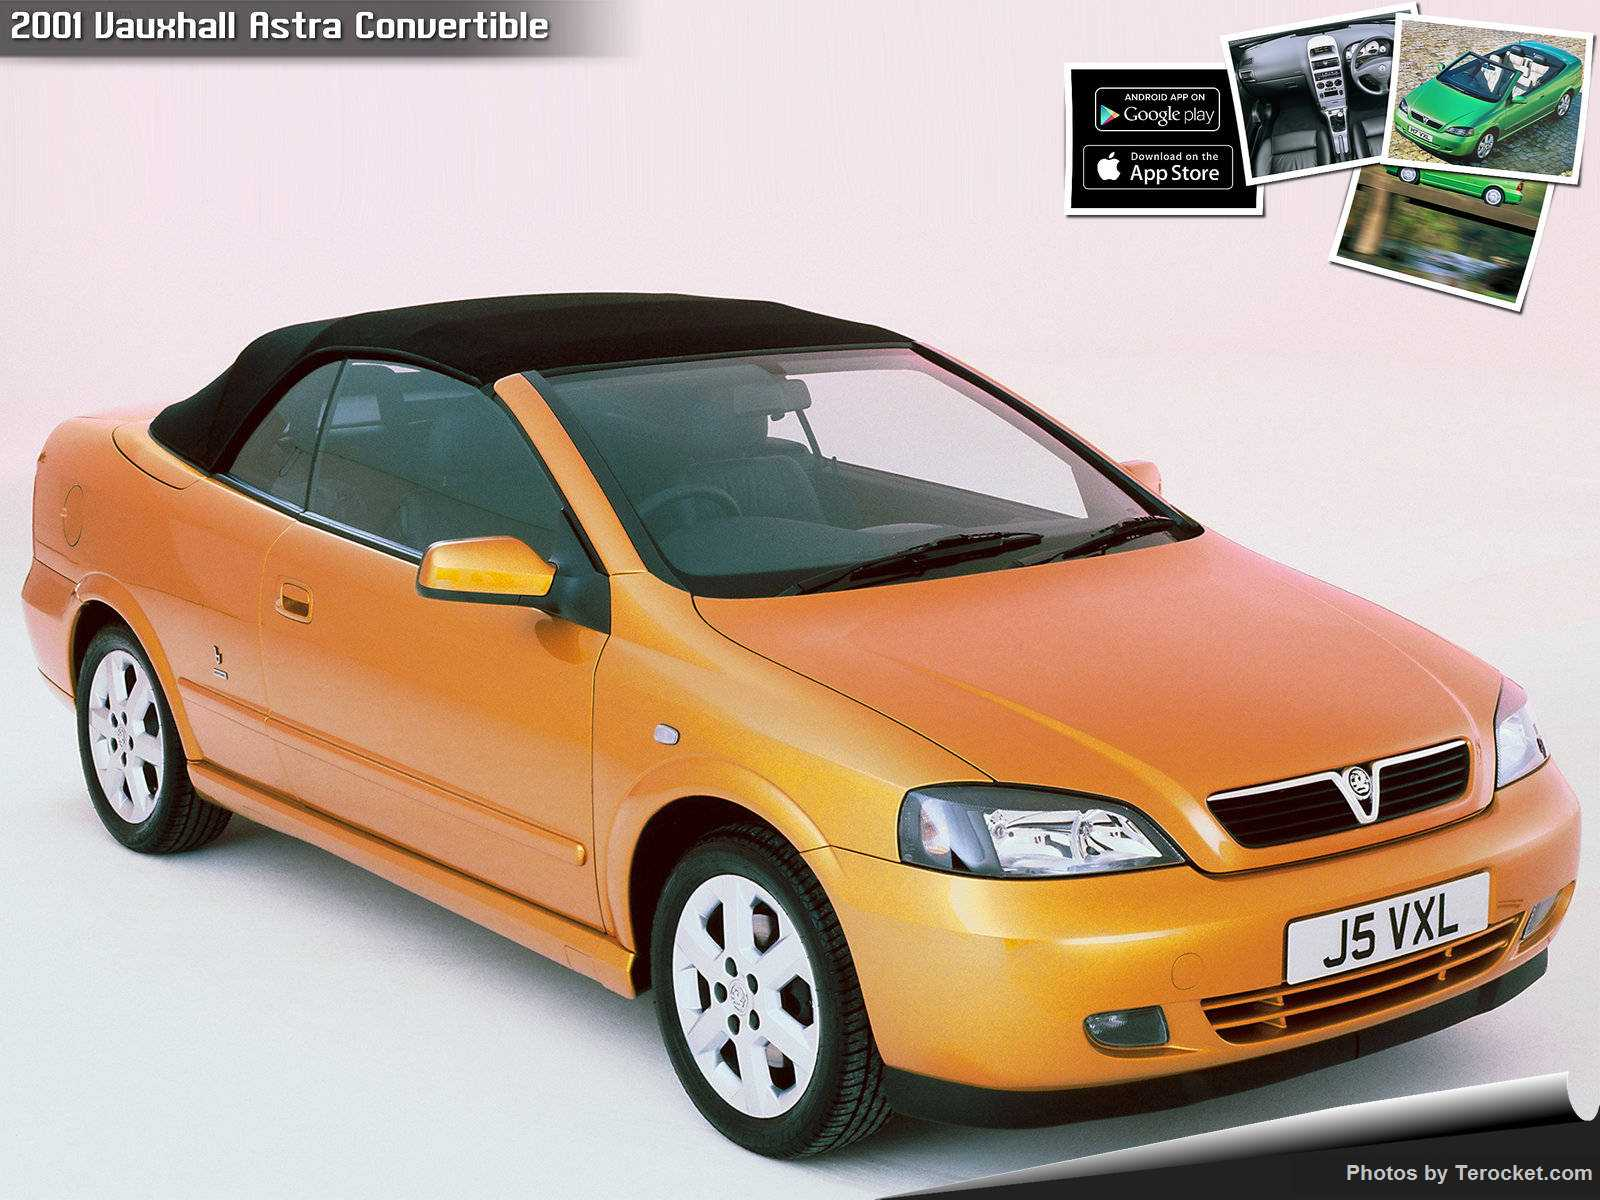 Hình ảnh xe ô tô Vauxhall Astra Coupe 888 2001 & nội ngoại thất